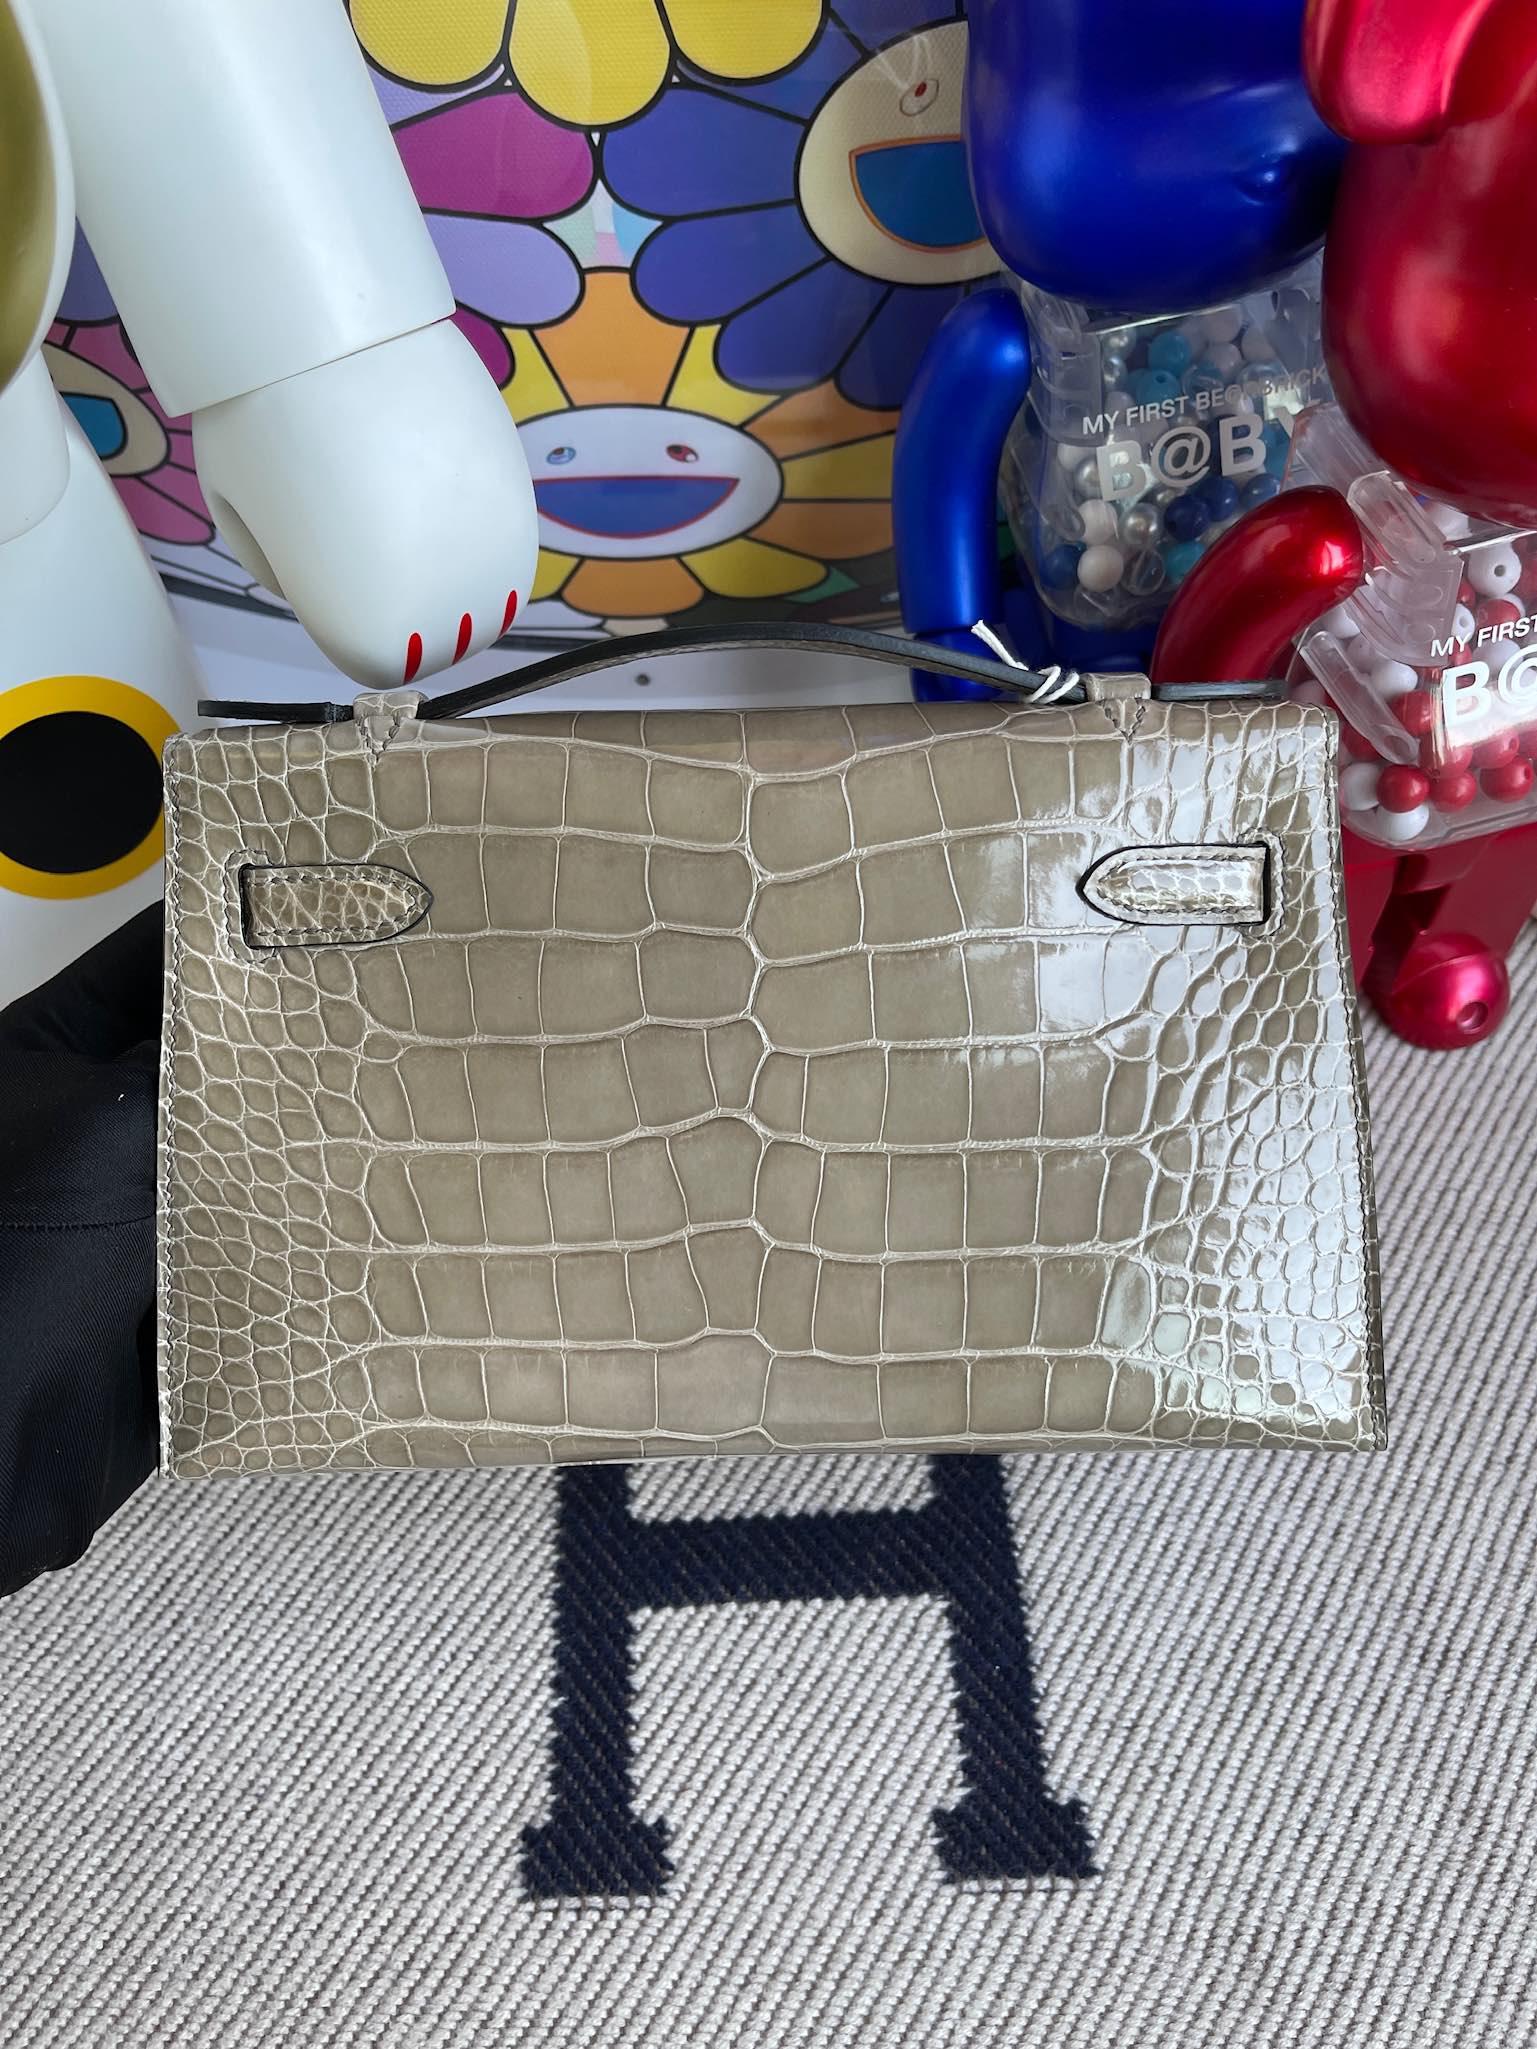 Hermès(爱马仕)mini kelly pochette Alligator shiny 亮面鳄鱼 ck81 斑鸠灰 Gris T 银扣 22cm 晚宴包